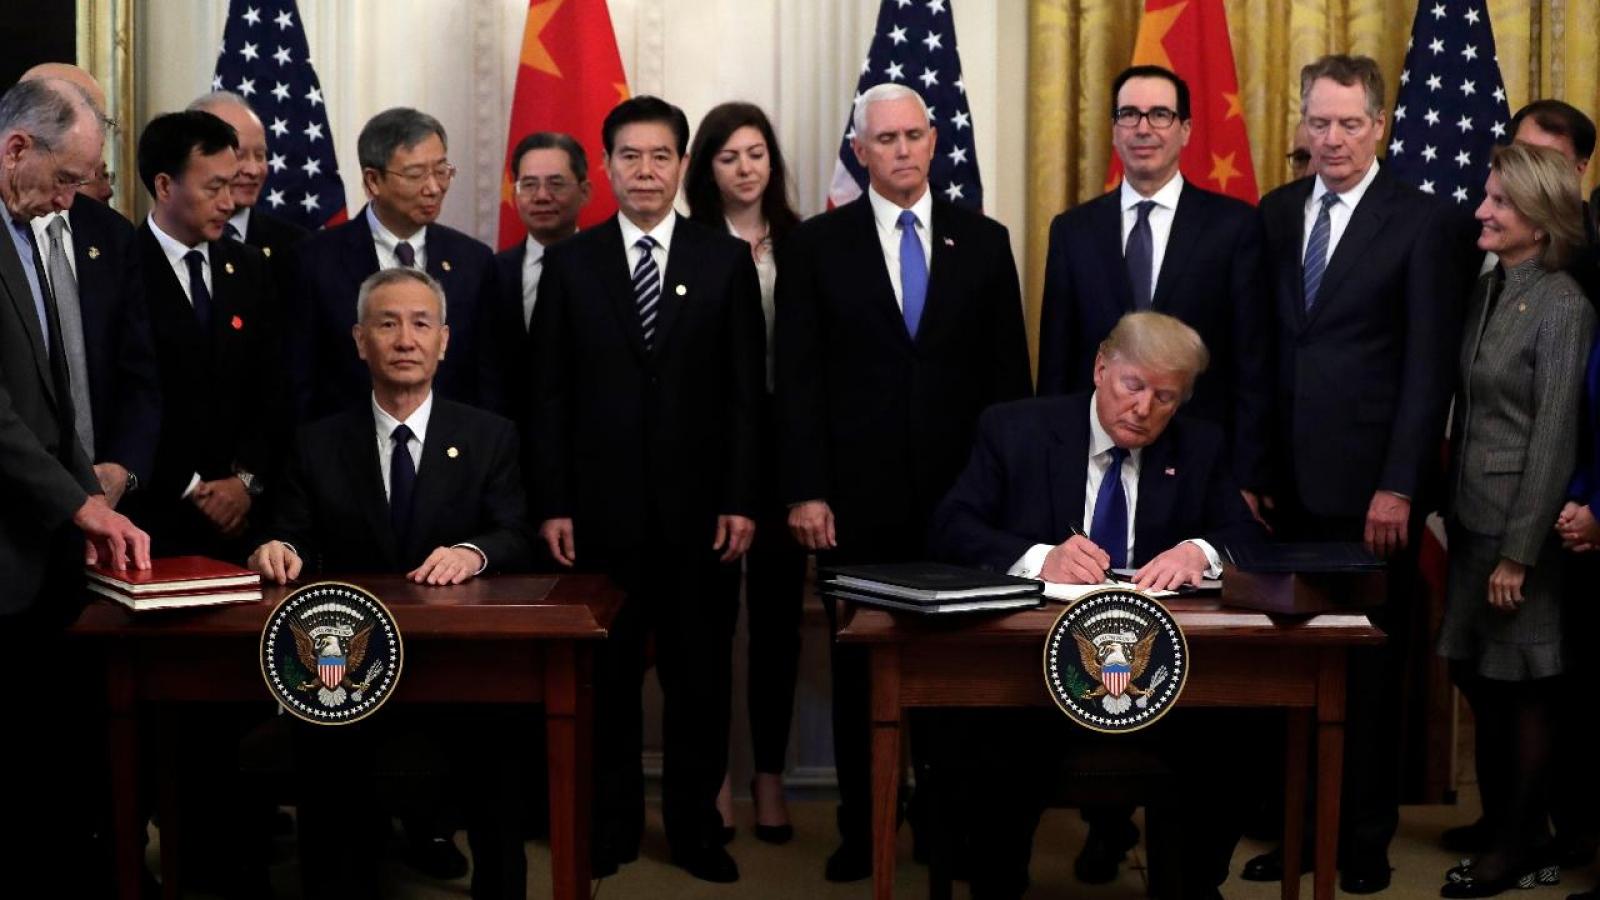 Mỹ-Trung tiếp tục thúc đẩy thực thi thỏa thuận thương mại giai đoạn 1